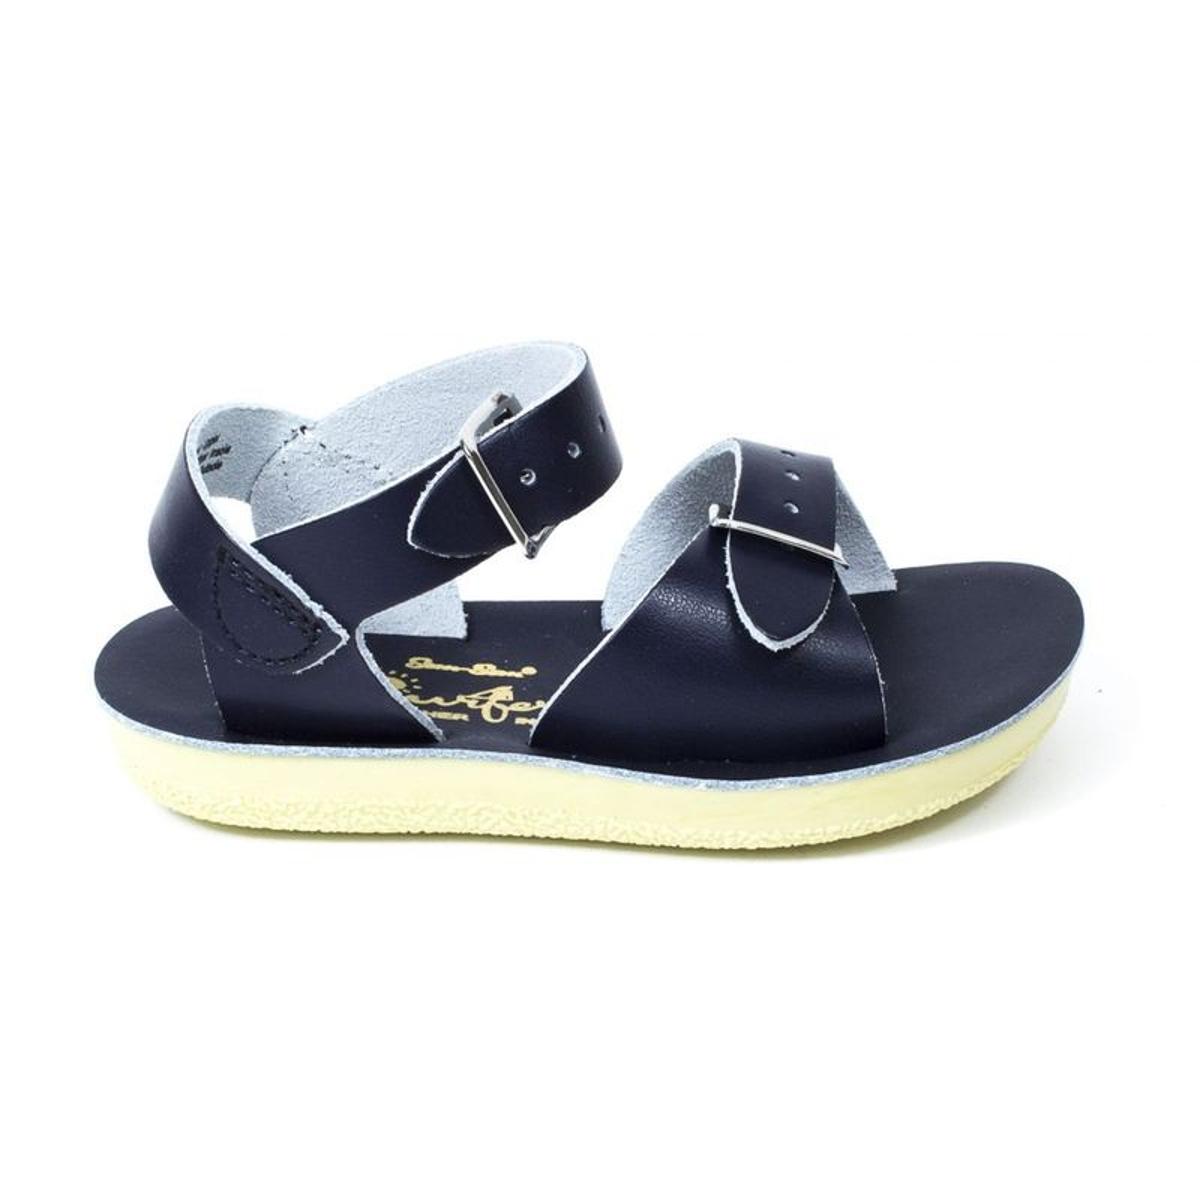 Sandales et nu-pieds cuir SURFER